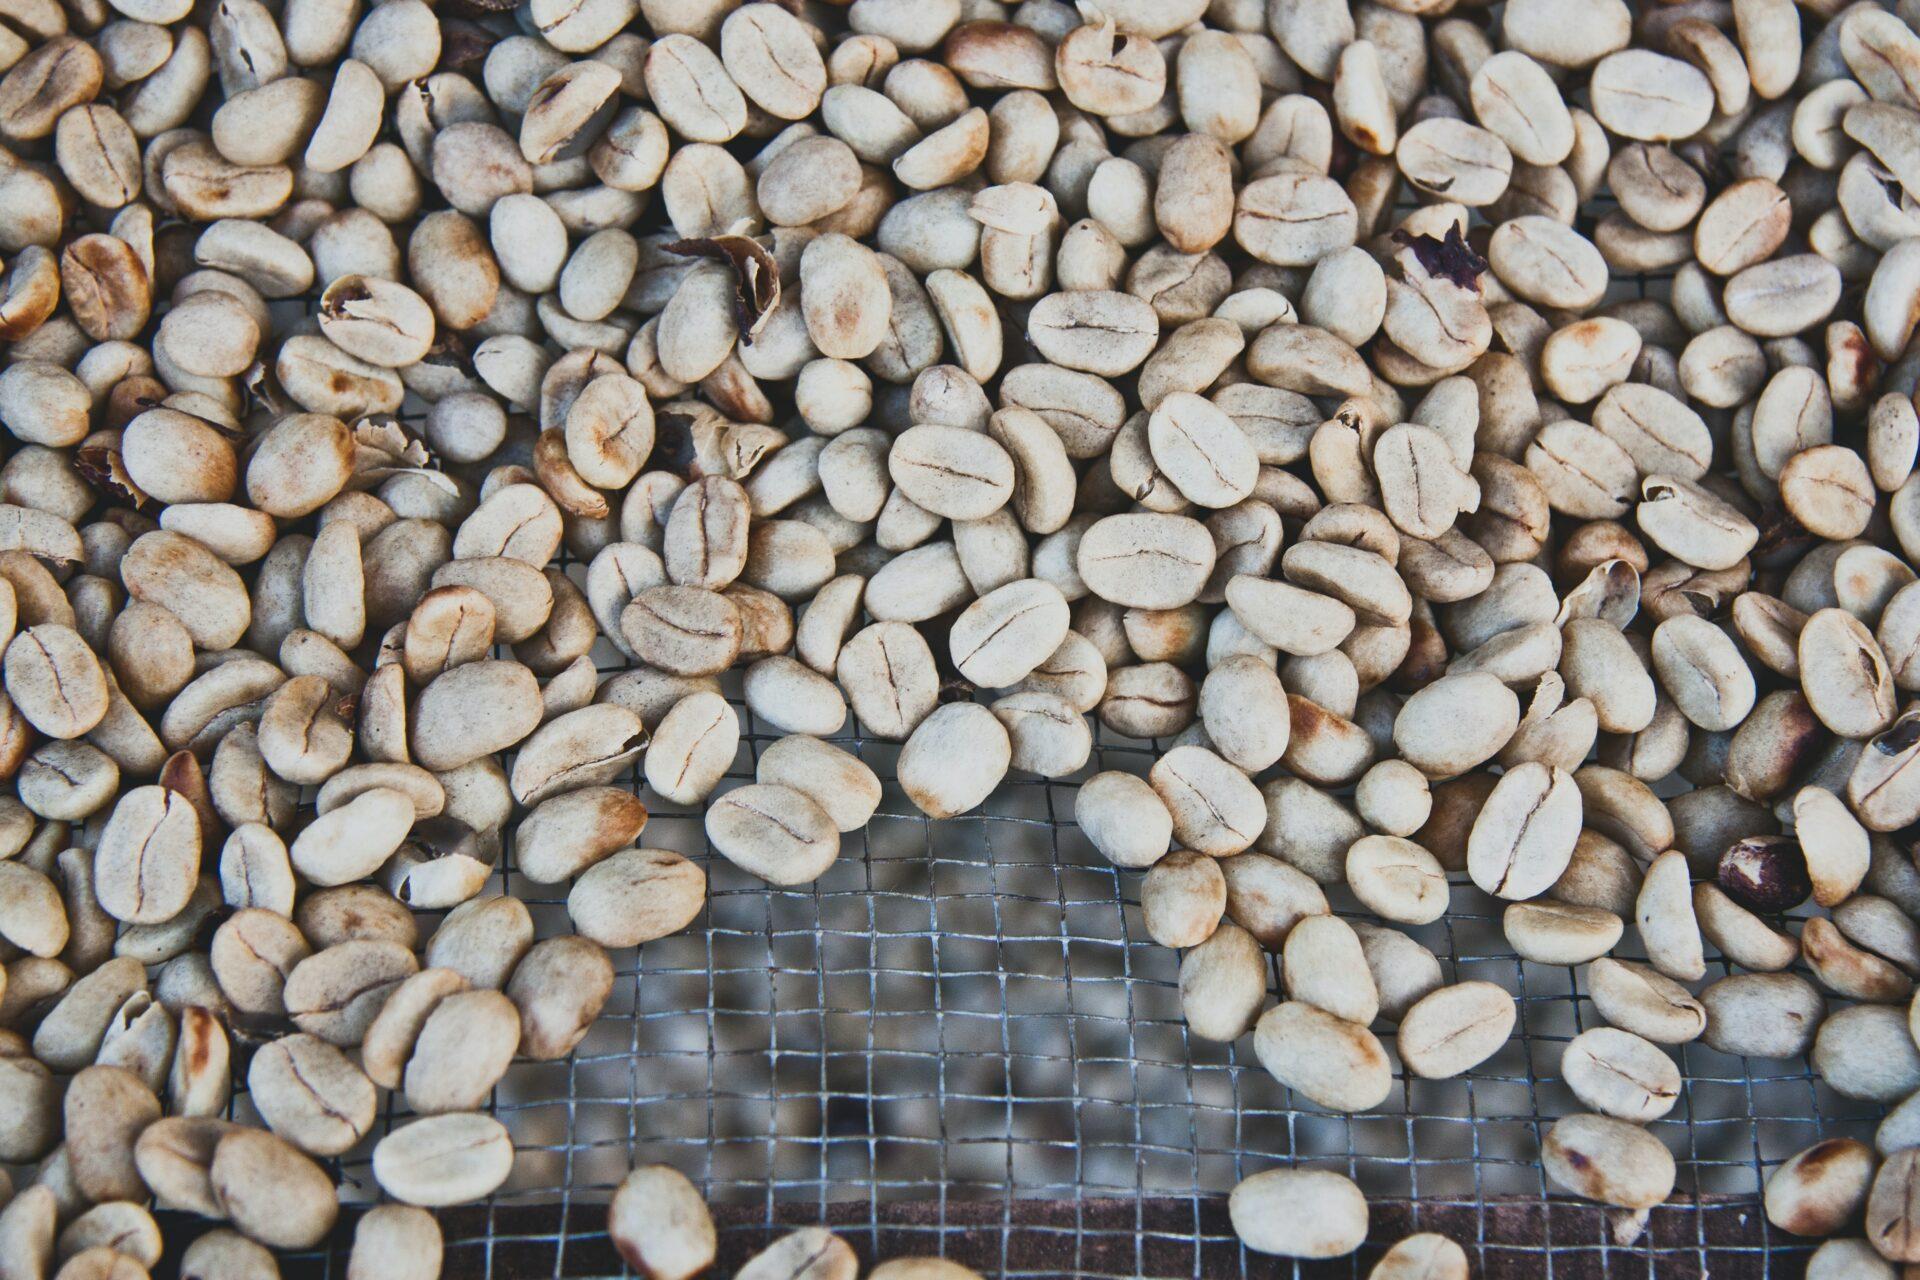 Koffie, chocolade, bier en rum tasting in Costa Rica